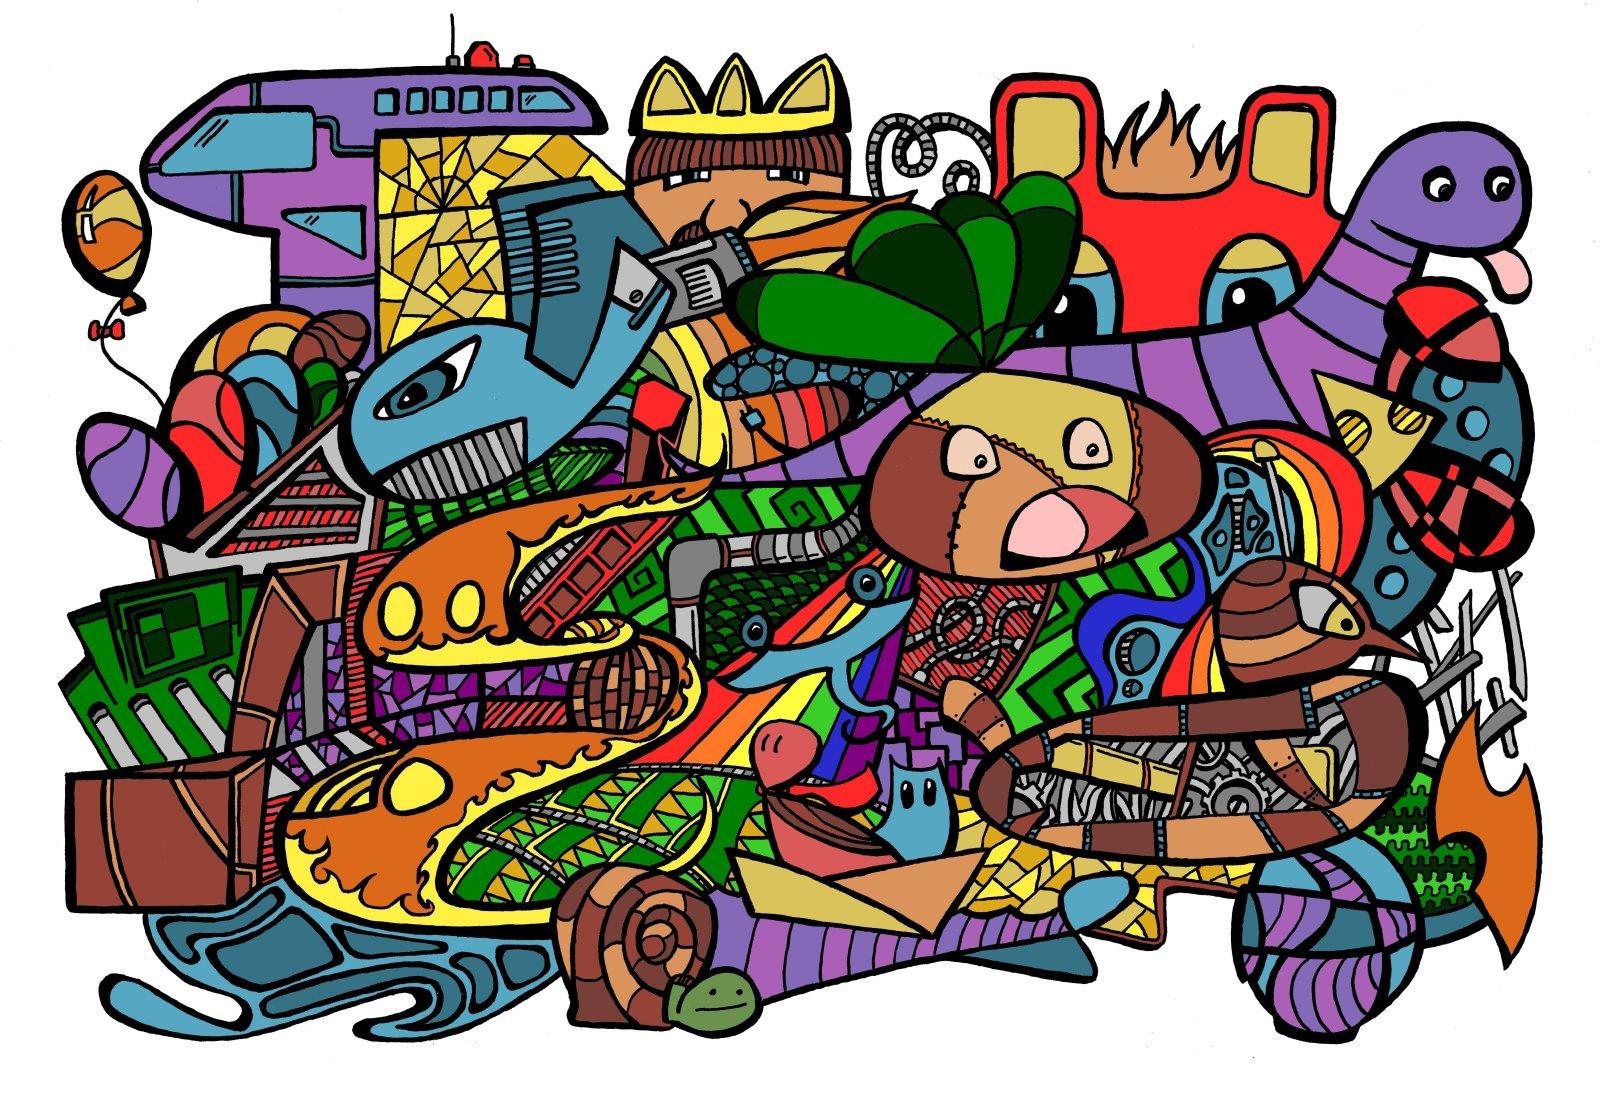 692 – Doodle